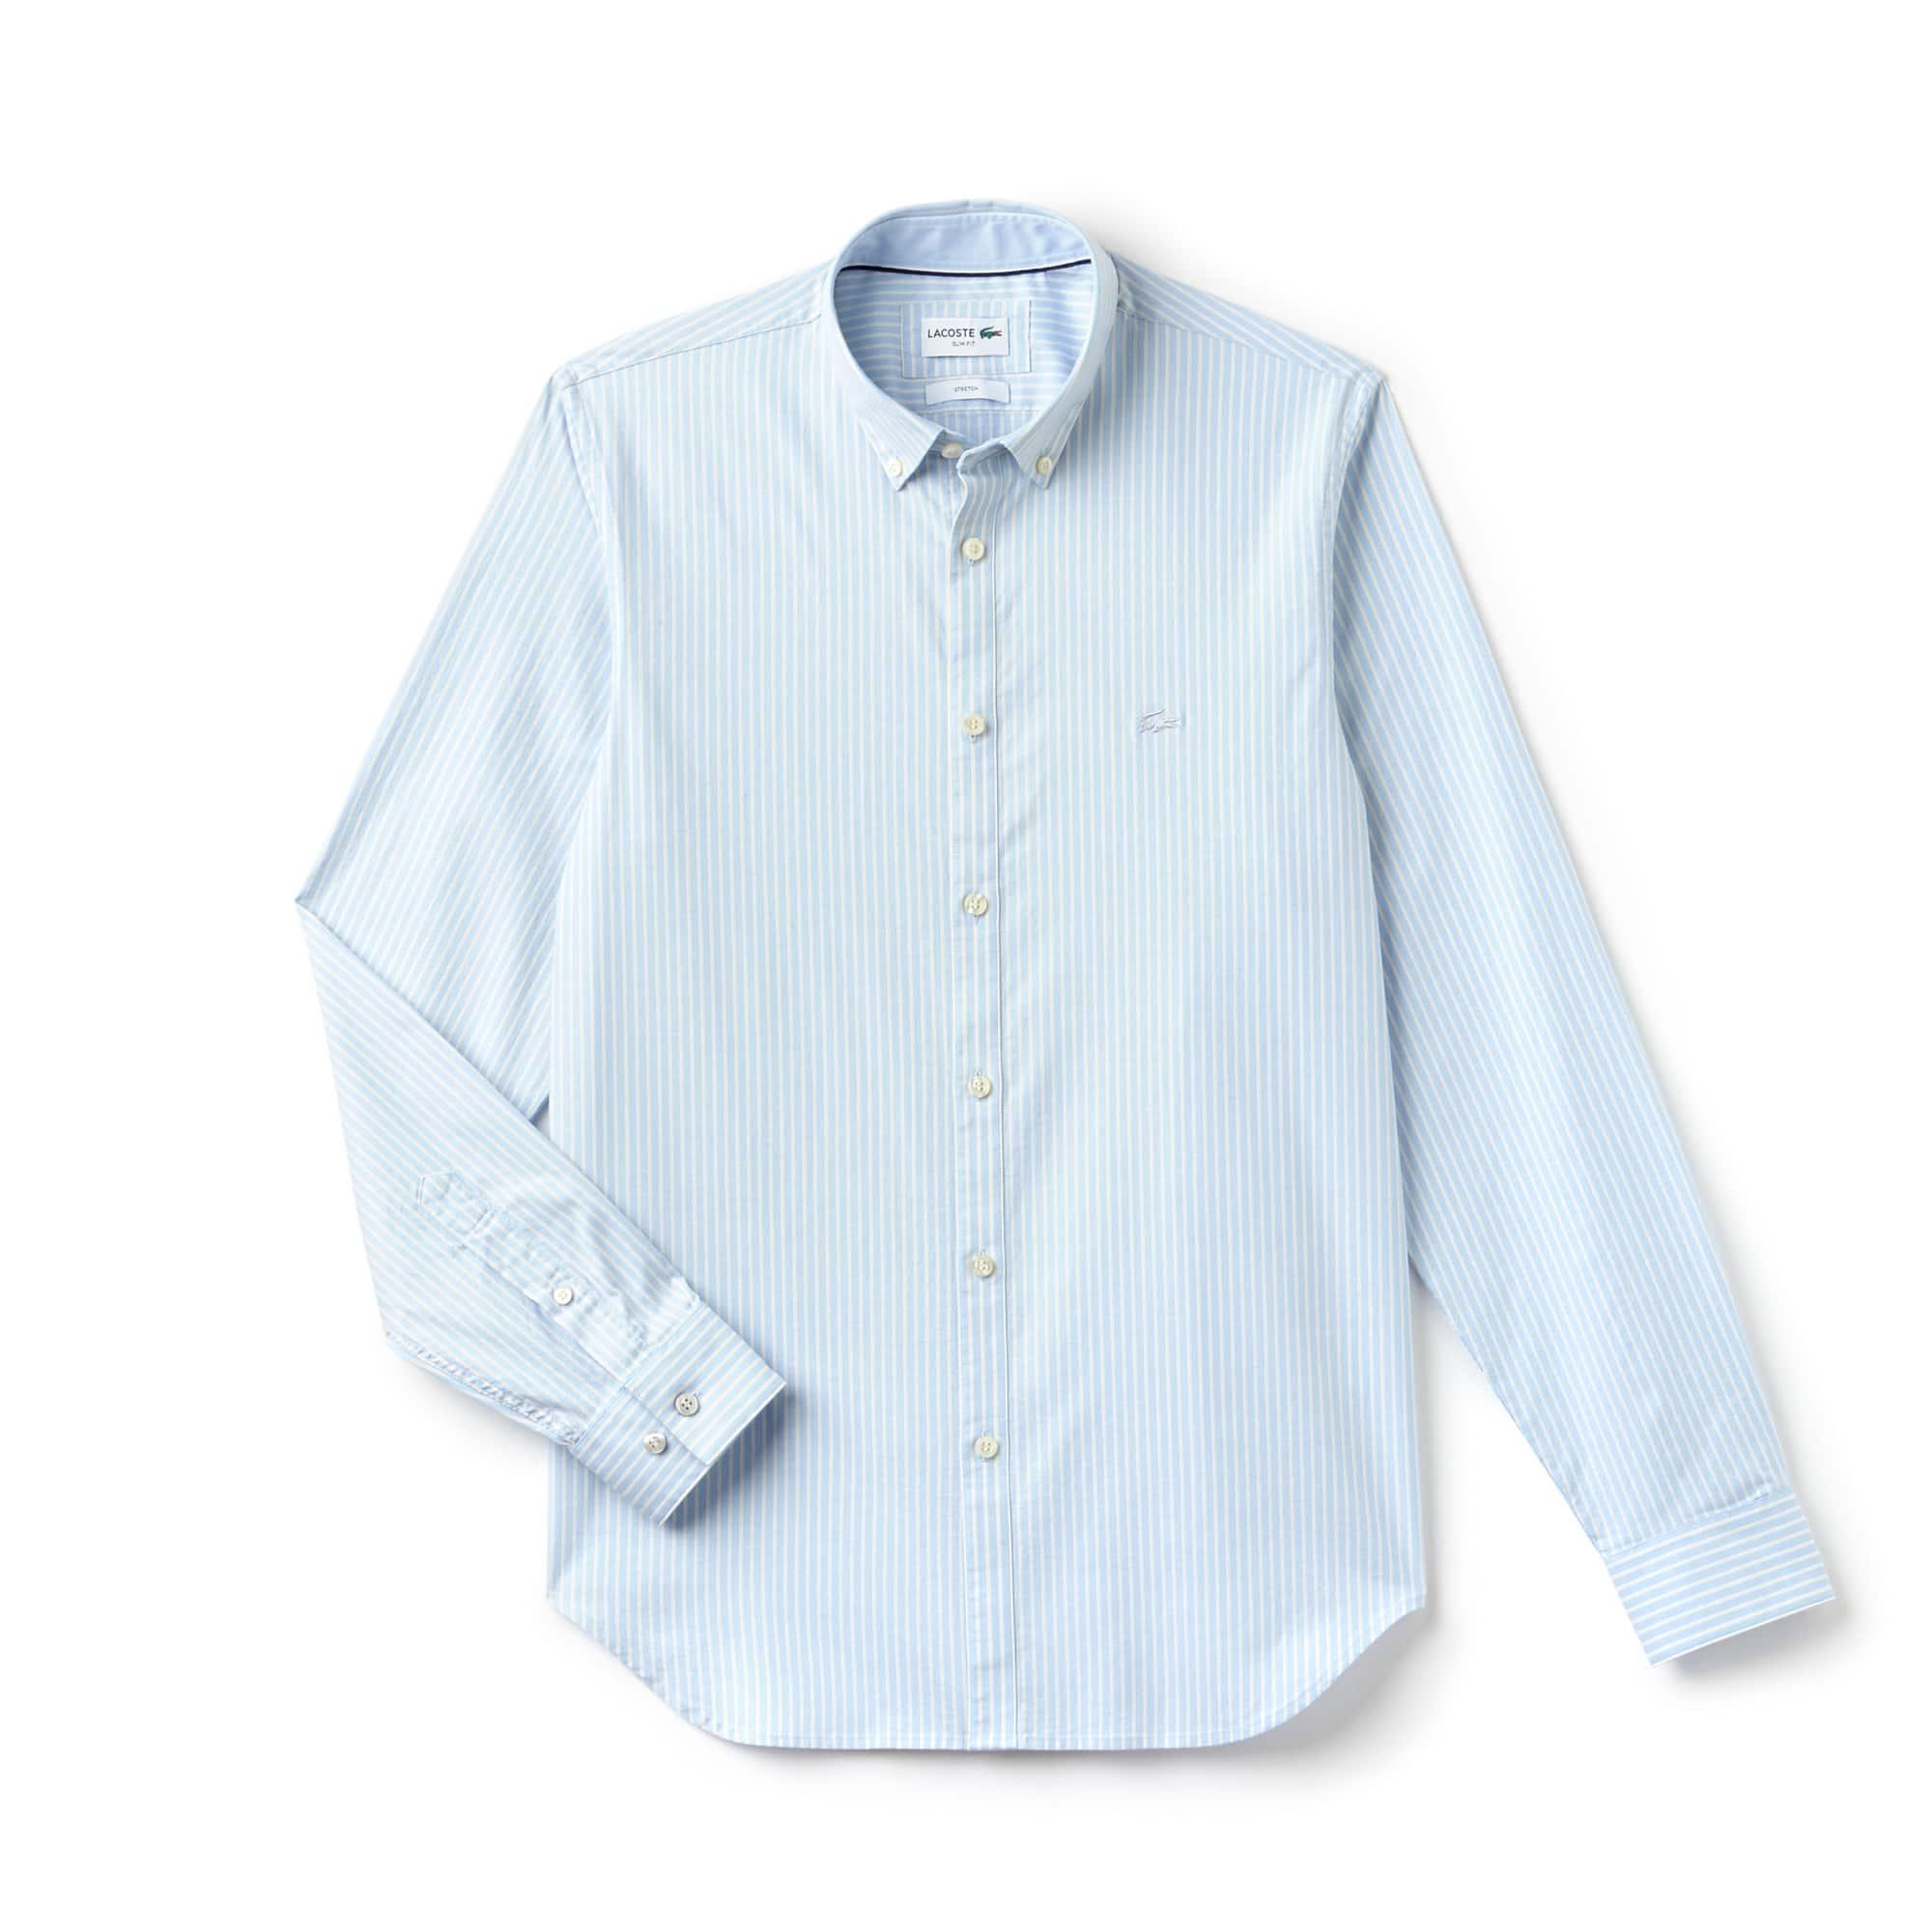 라코스테 Lacoste Mens Slim Fit Striped Stretch Cotton Pinpoint Shirt,lagoon/calcutta yellow-wh